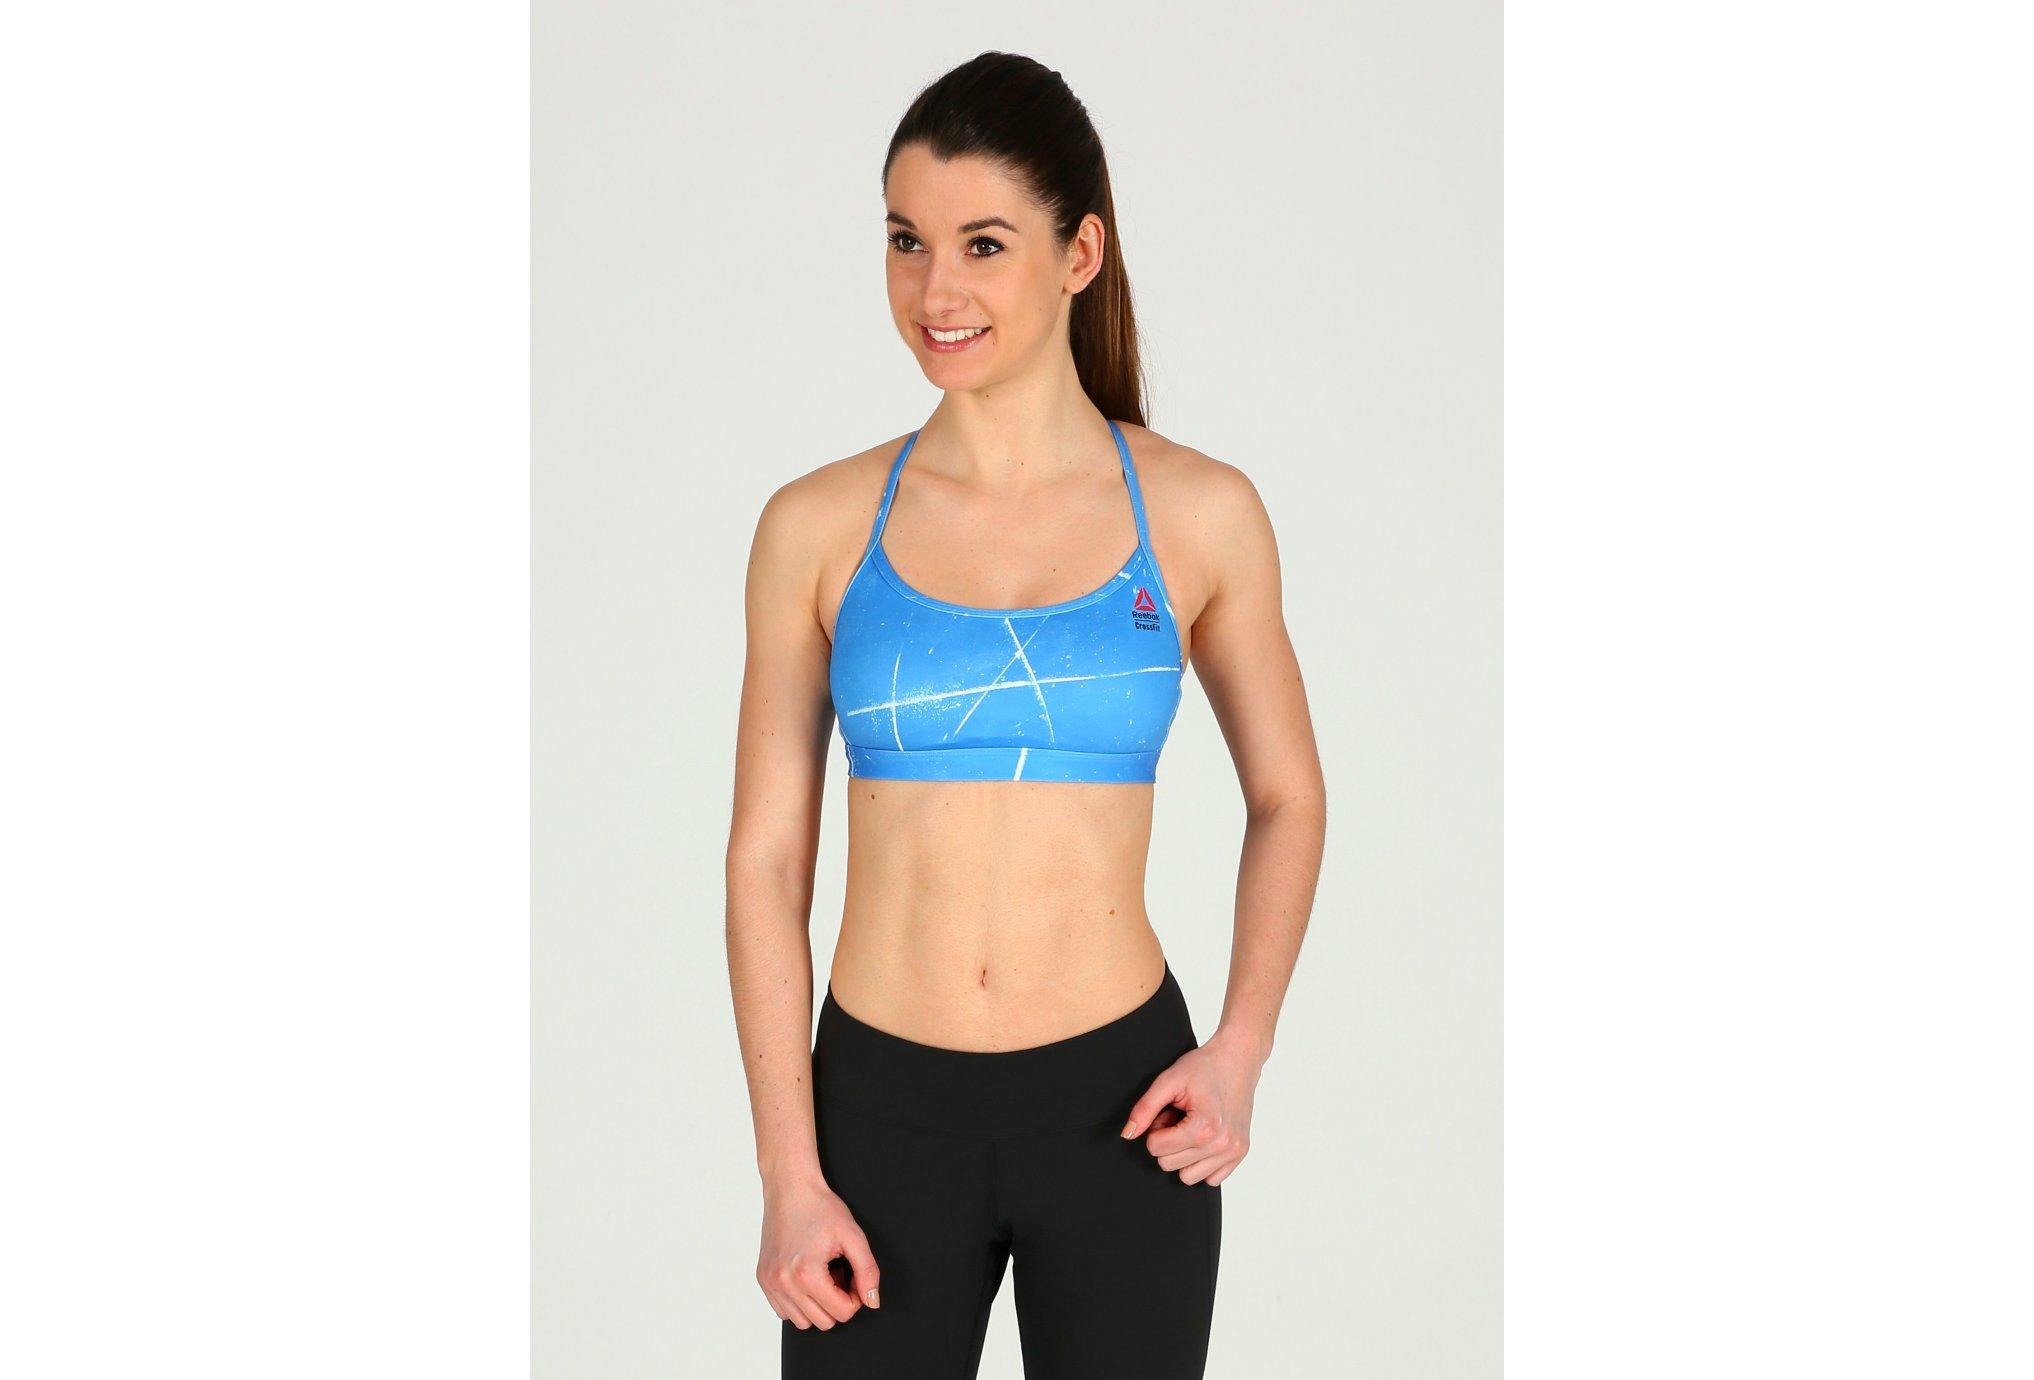 Reebok CrossFit Front Rack W Diététique Vêtements femme